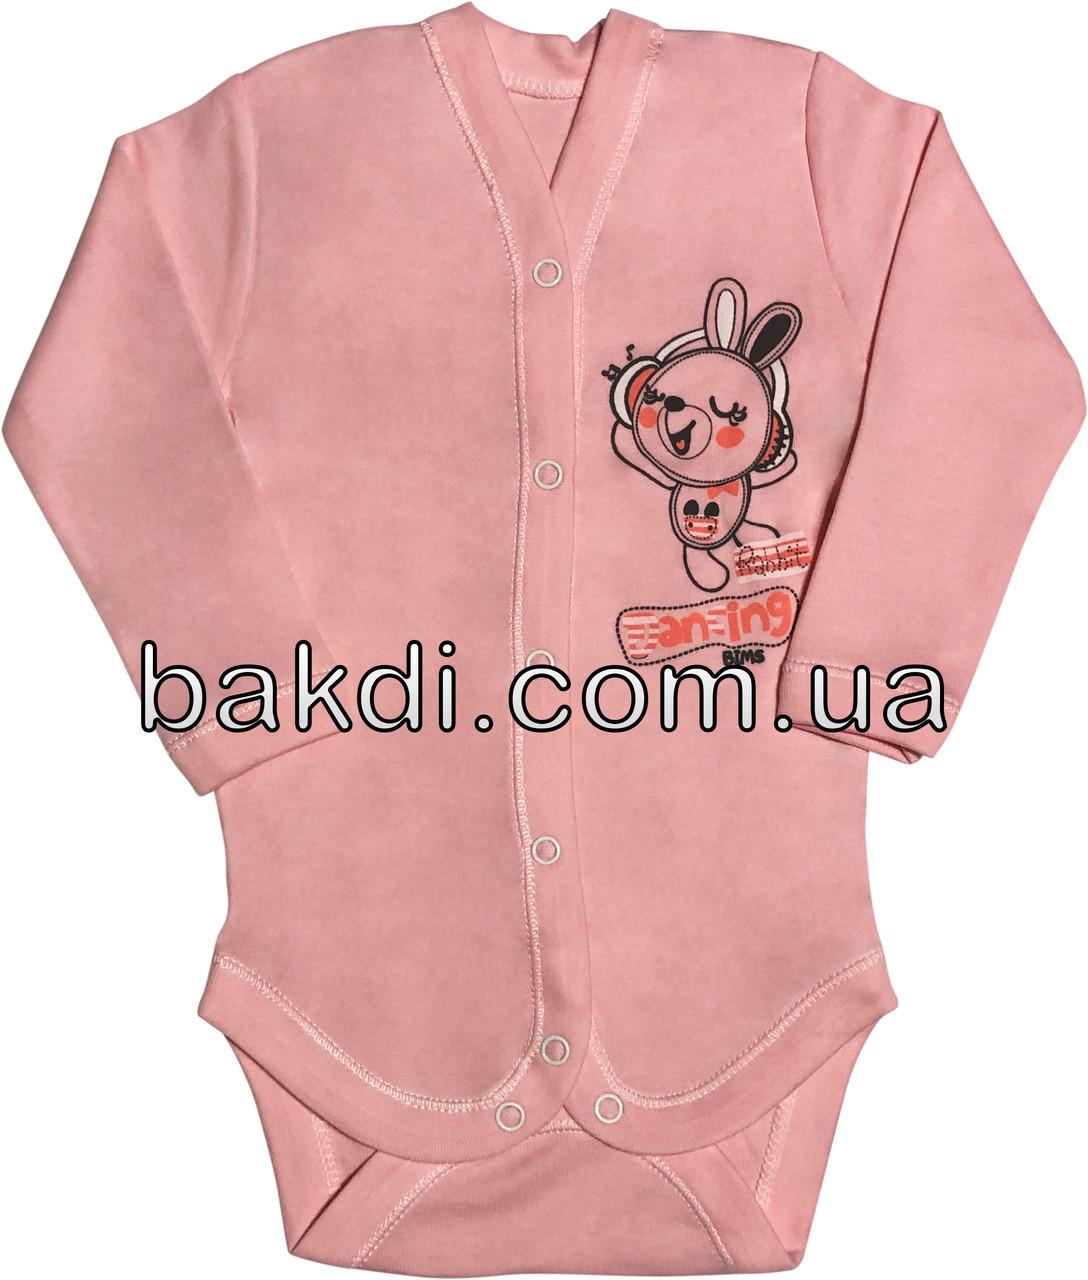 Детское боди на девочку рост 56 0-2 мес для новорожденных трикотажное с длинным рукавом интерлок розовое